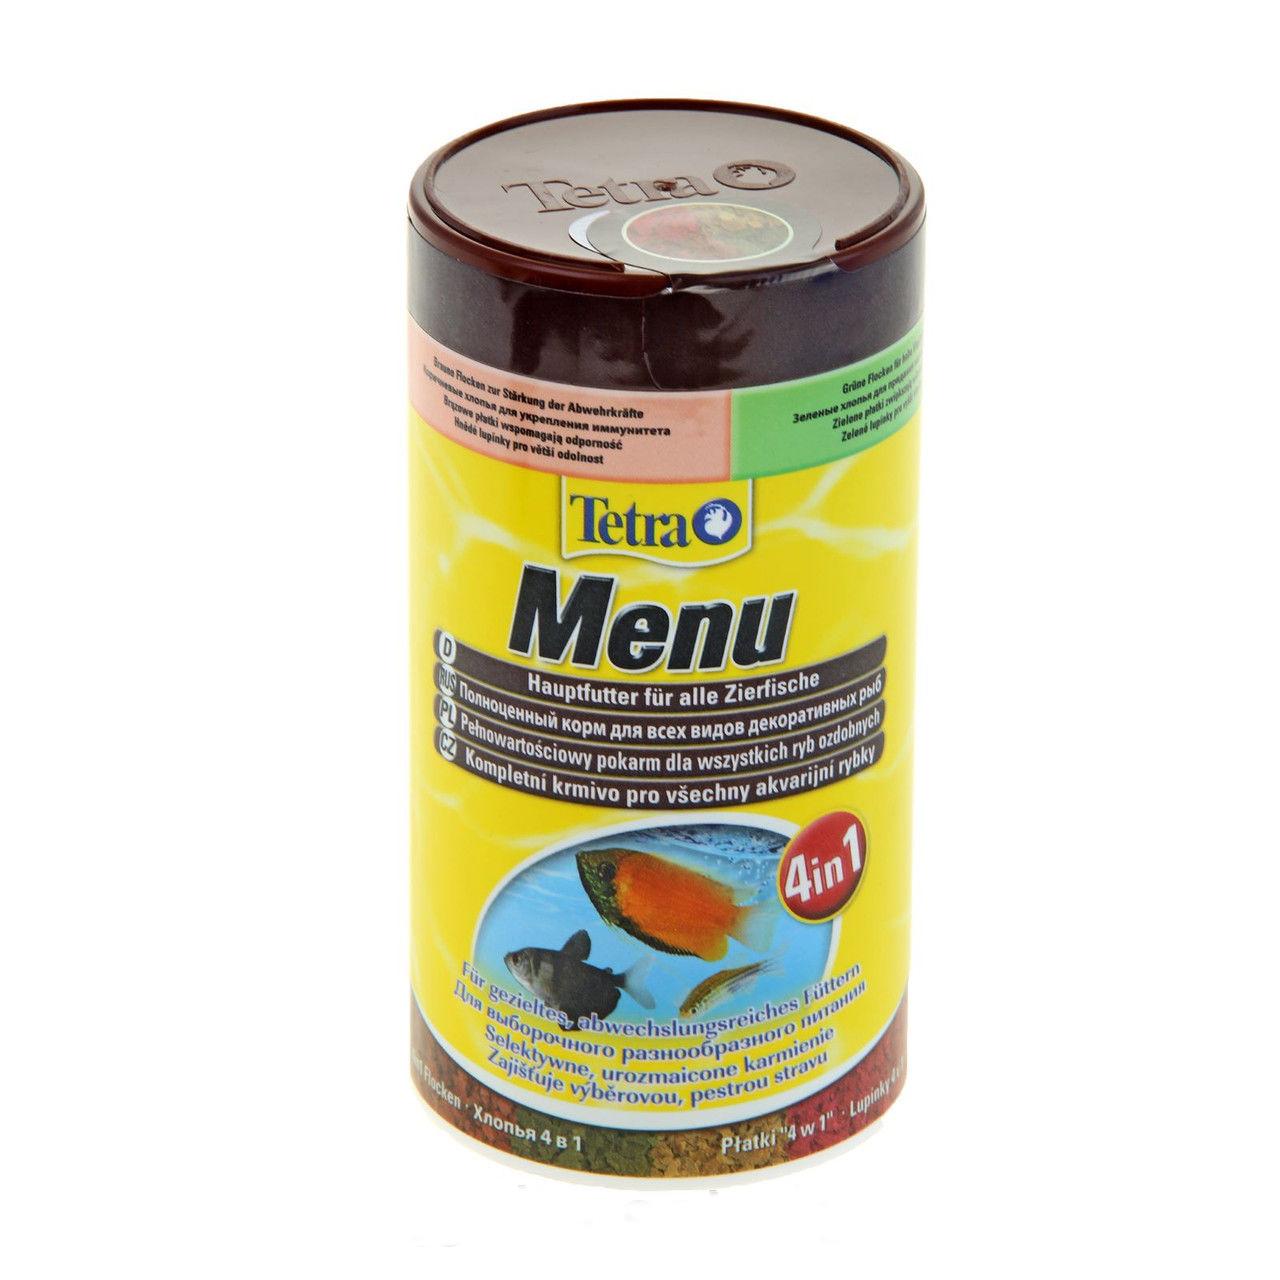 Корм Tetra Menu для всех видов декоративных рыб, 4 вида хлопьев, 100 мл (25 г)767386Корм Tetra Menu предназначен для всех видов декоративных рыб. Это полноценный корм для выборочного кормления, соответствующего потребности рыб. В одной упаковке содержится 4 вида хлопьев: - желтые хлопья с оптимальным соотношением протеинов и жиров для здорового роста, - красные хлопья с усилителями естественного цвета для улучшения окраски, - коричневые хлопья со специальным комплексом витаминов для укрепления иммунитета, - зеленые хлопья с необходимыми растительными питательными веществами для поддержки жизненных сил. Тщательно отобранные специальные хлопья с витаминами, минералами и микроэлементами для разнообразного и сбалансированного питания. Ежедневное кормление позволяет отрегулировать рост питомцев, обеспечить им жизнестойкость и плодовитость. Кормить рыбок нужно 2-3 раза ежедневно маленькими порциями. Состав: рыба и побочные рыбные продукты, зерновые культуры, дрожжи, экстракты растительного белка,...